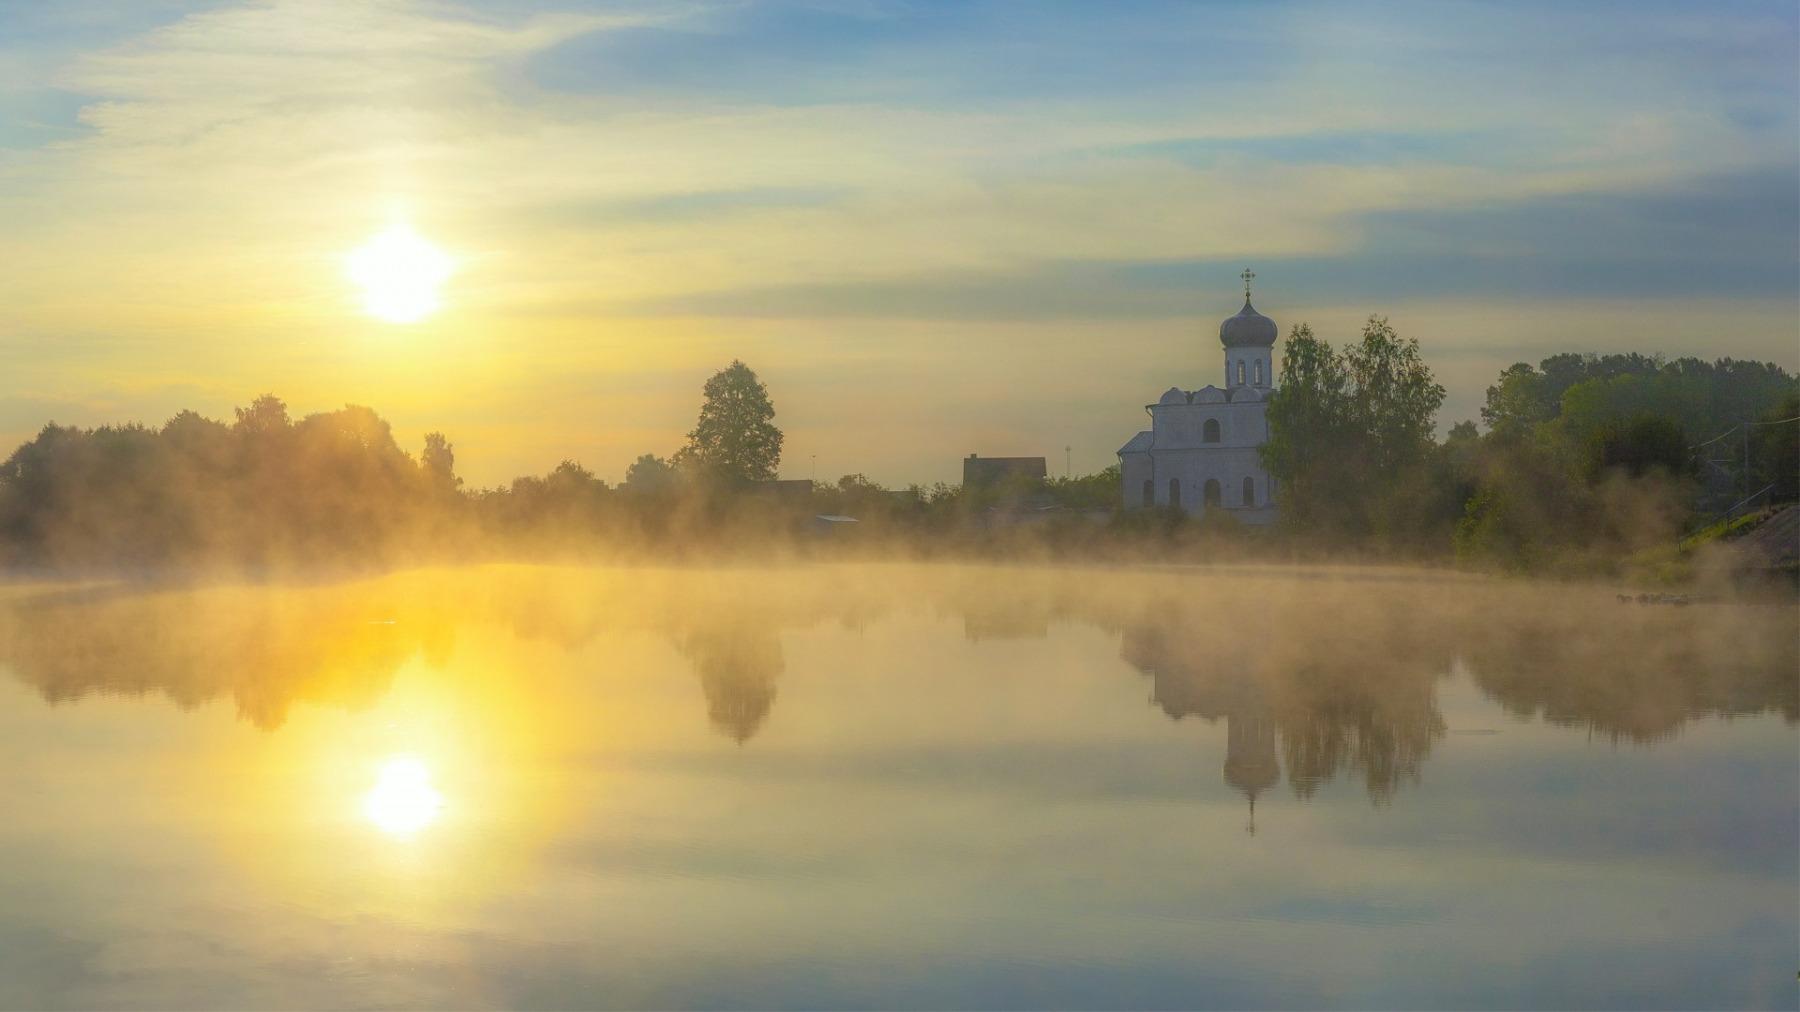 утренний рассвет часовни фото азотонаполненный корпус, выдвижную